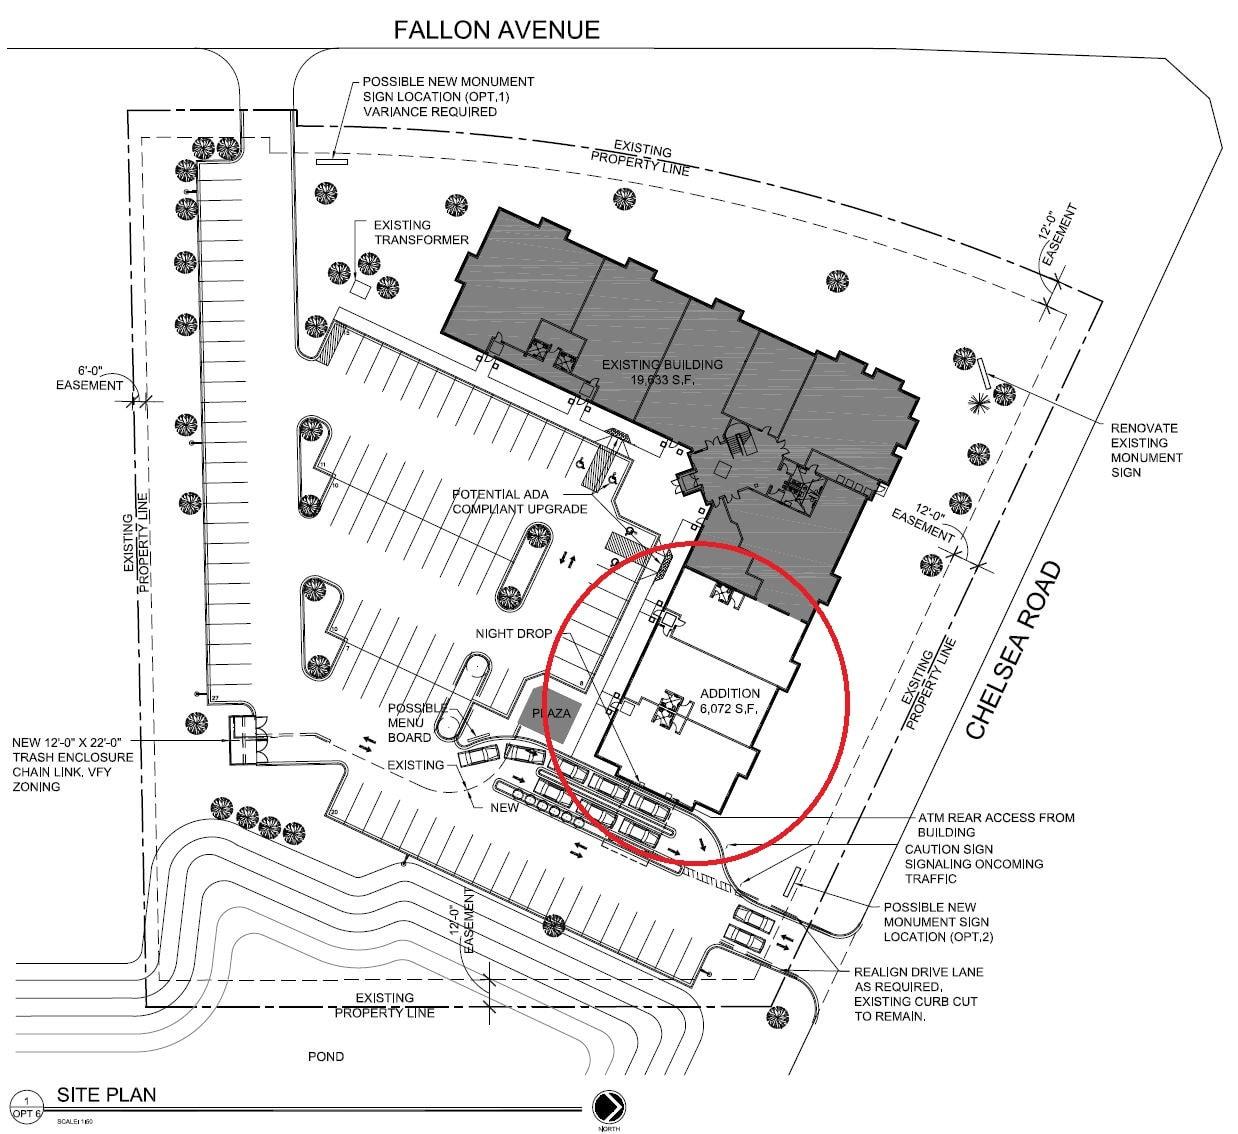 Monticello – 9766 Fallon Ave. Office Pre-Leasing